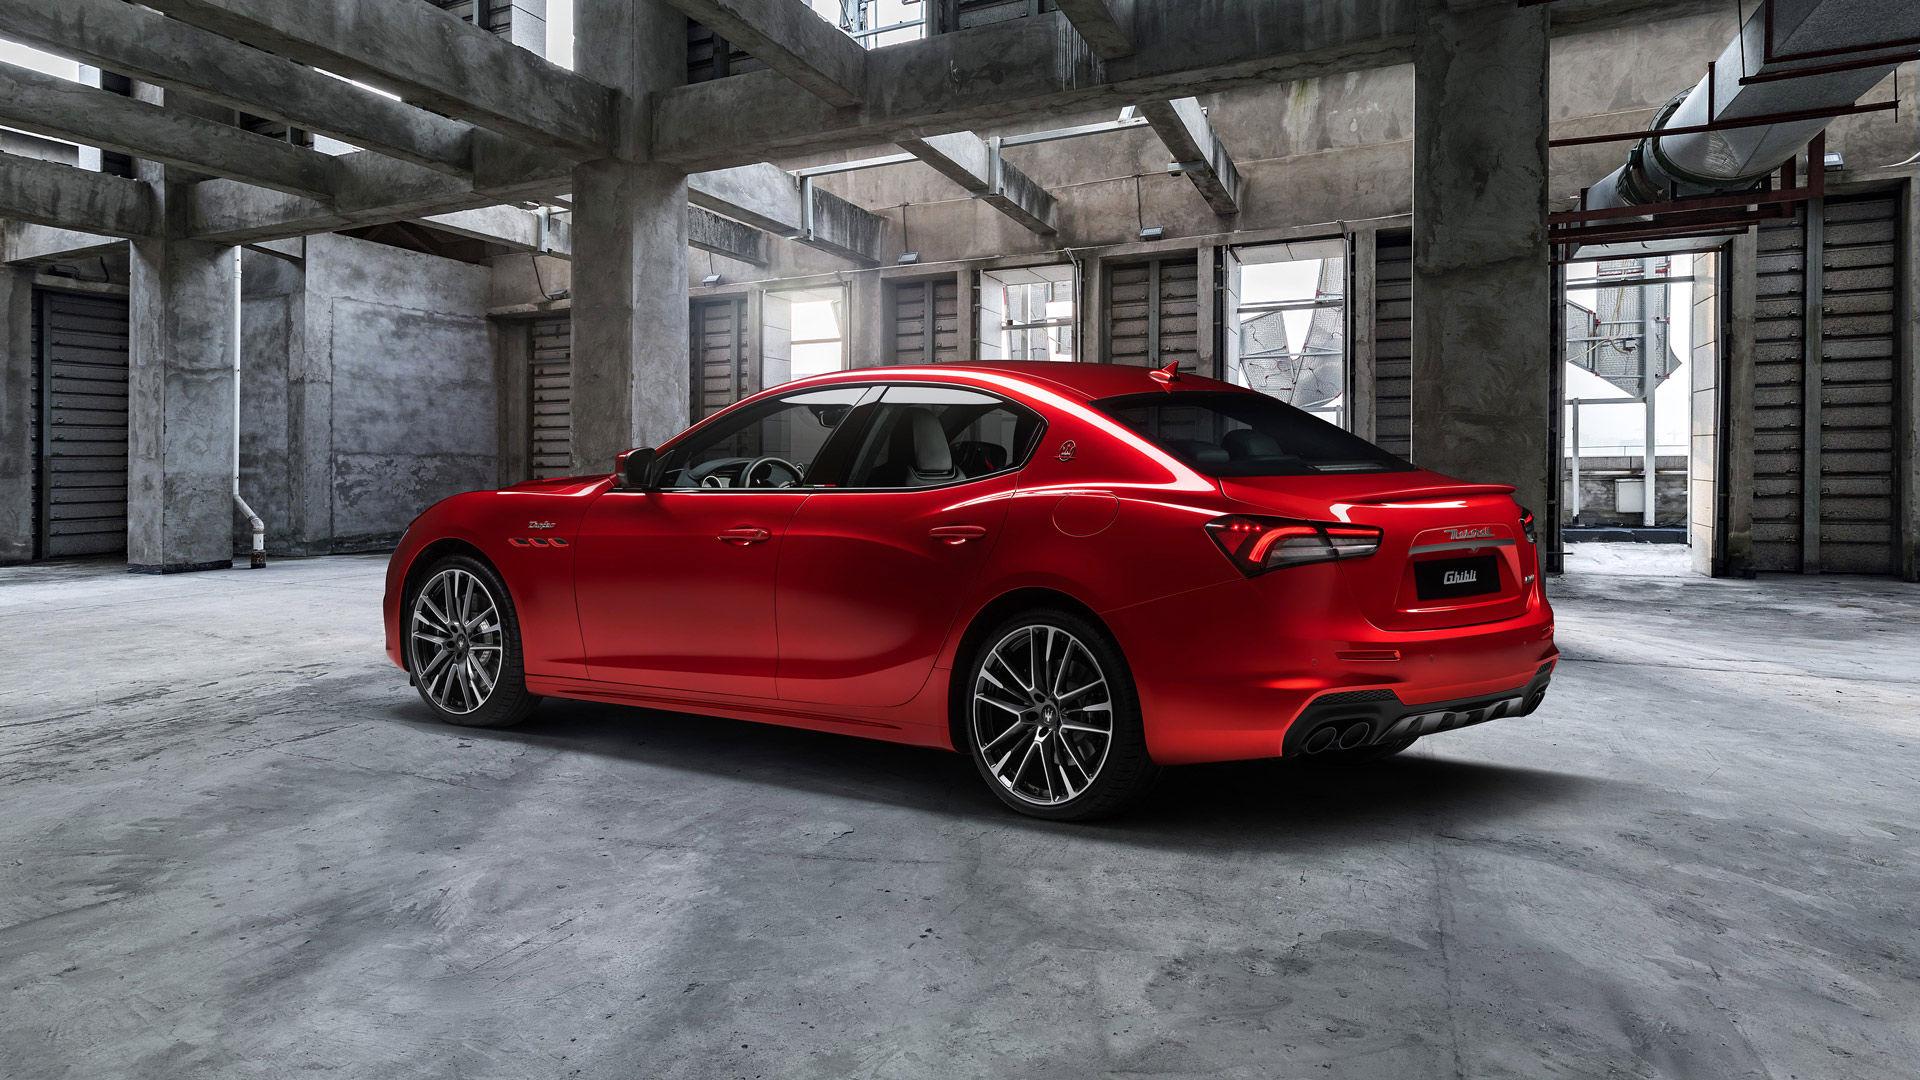 Maserati Ghibli Trofeo - Rot - Parkend in einer Fabrik - Seitenansicht